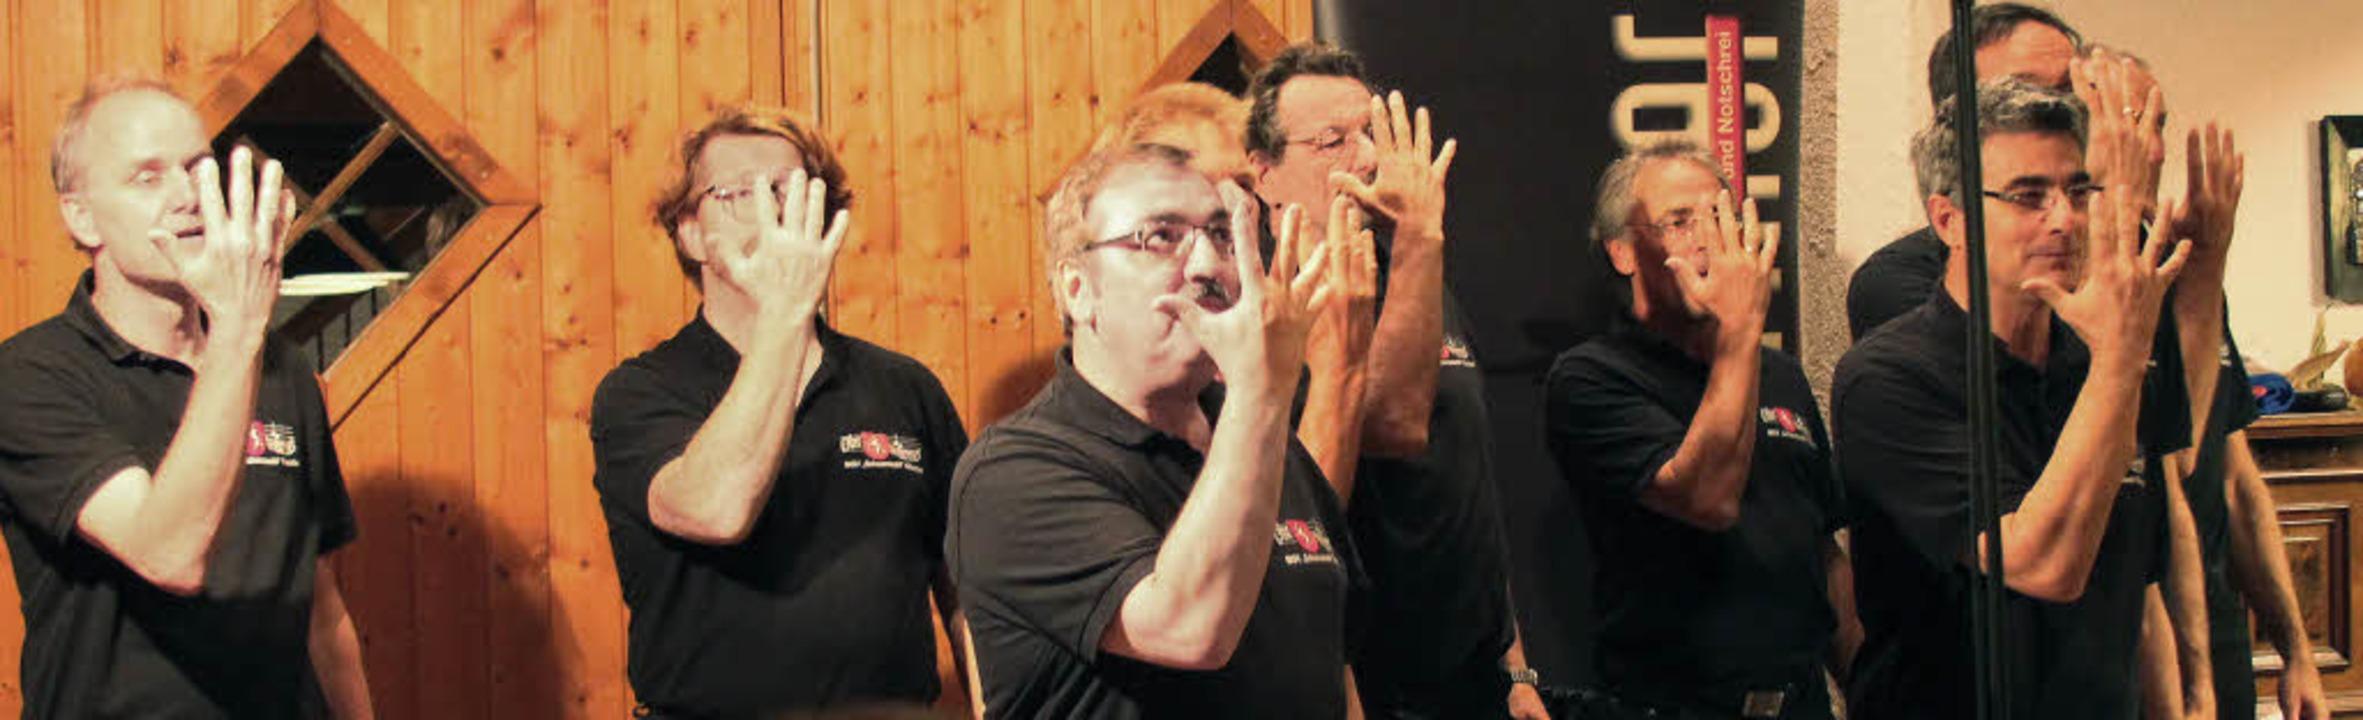 Kein Gesang ohne passende Choreografie...itt beim Landmännerabend in Oberried.   | Foto: Erich Krieger